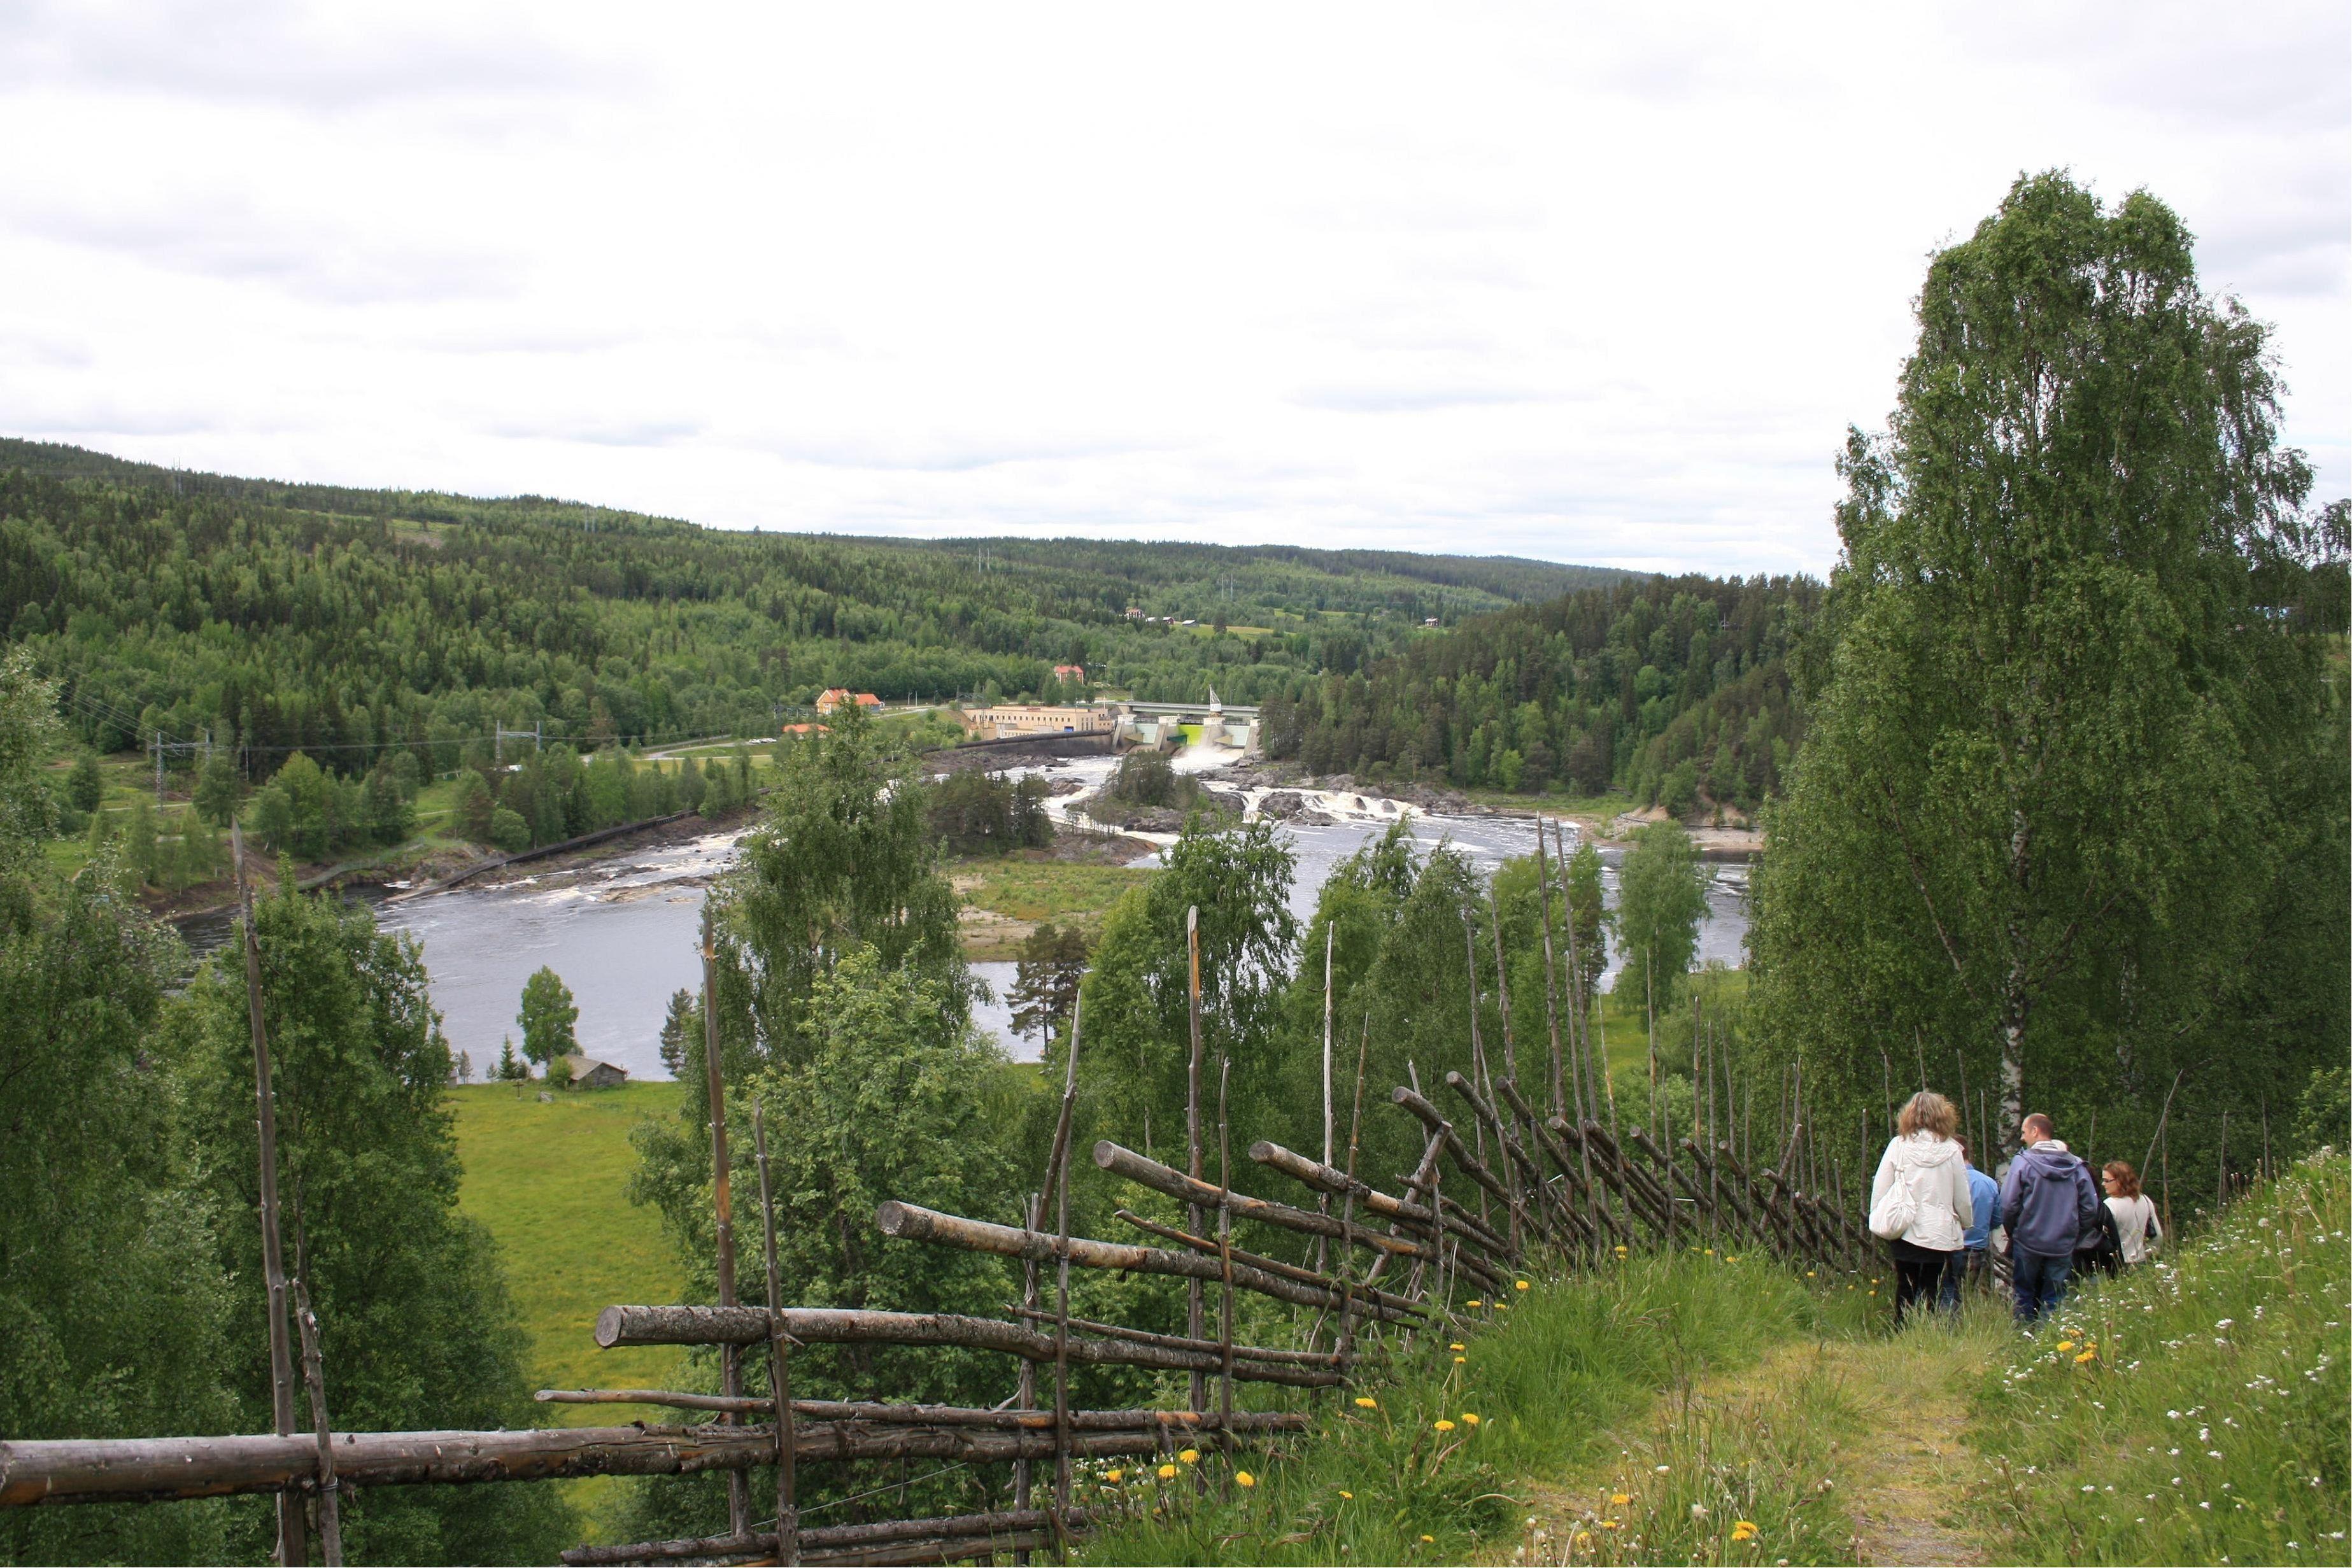 Foto. Leif Kårén, Ådal trail